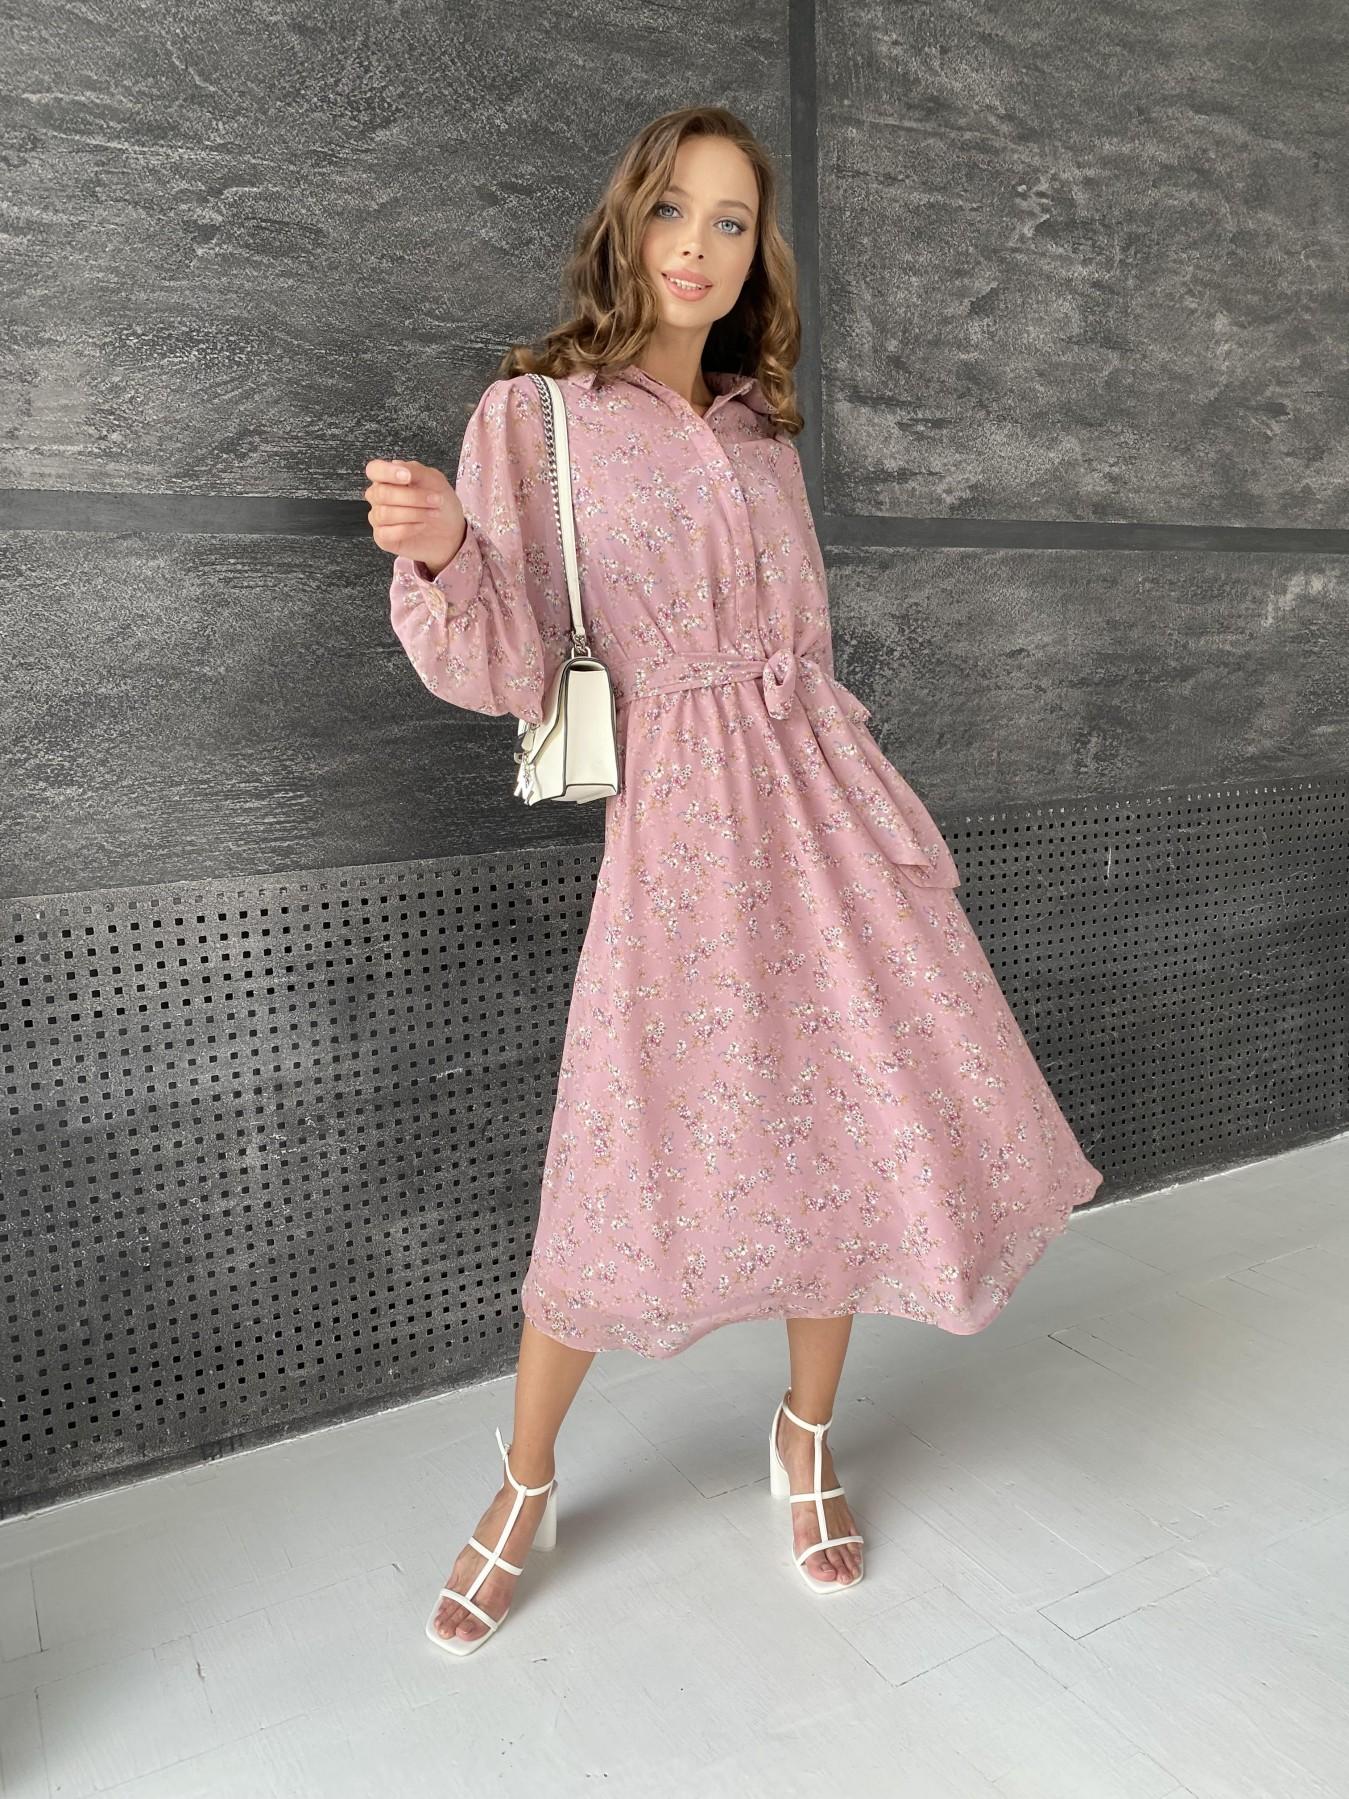 Жасмин платье из  шифона микро принт с длинным рукавом не стрейч 11685  АРТ. 48391 Цвет:  Пудра Т/Мол/Беж/ЦвНаВетке - фото 3, интернет магазин tm-modus.ru